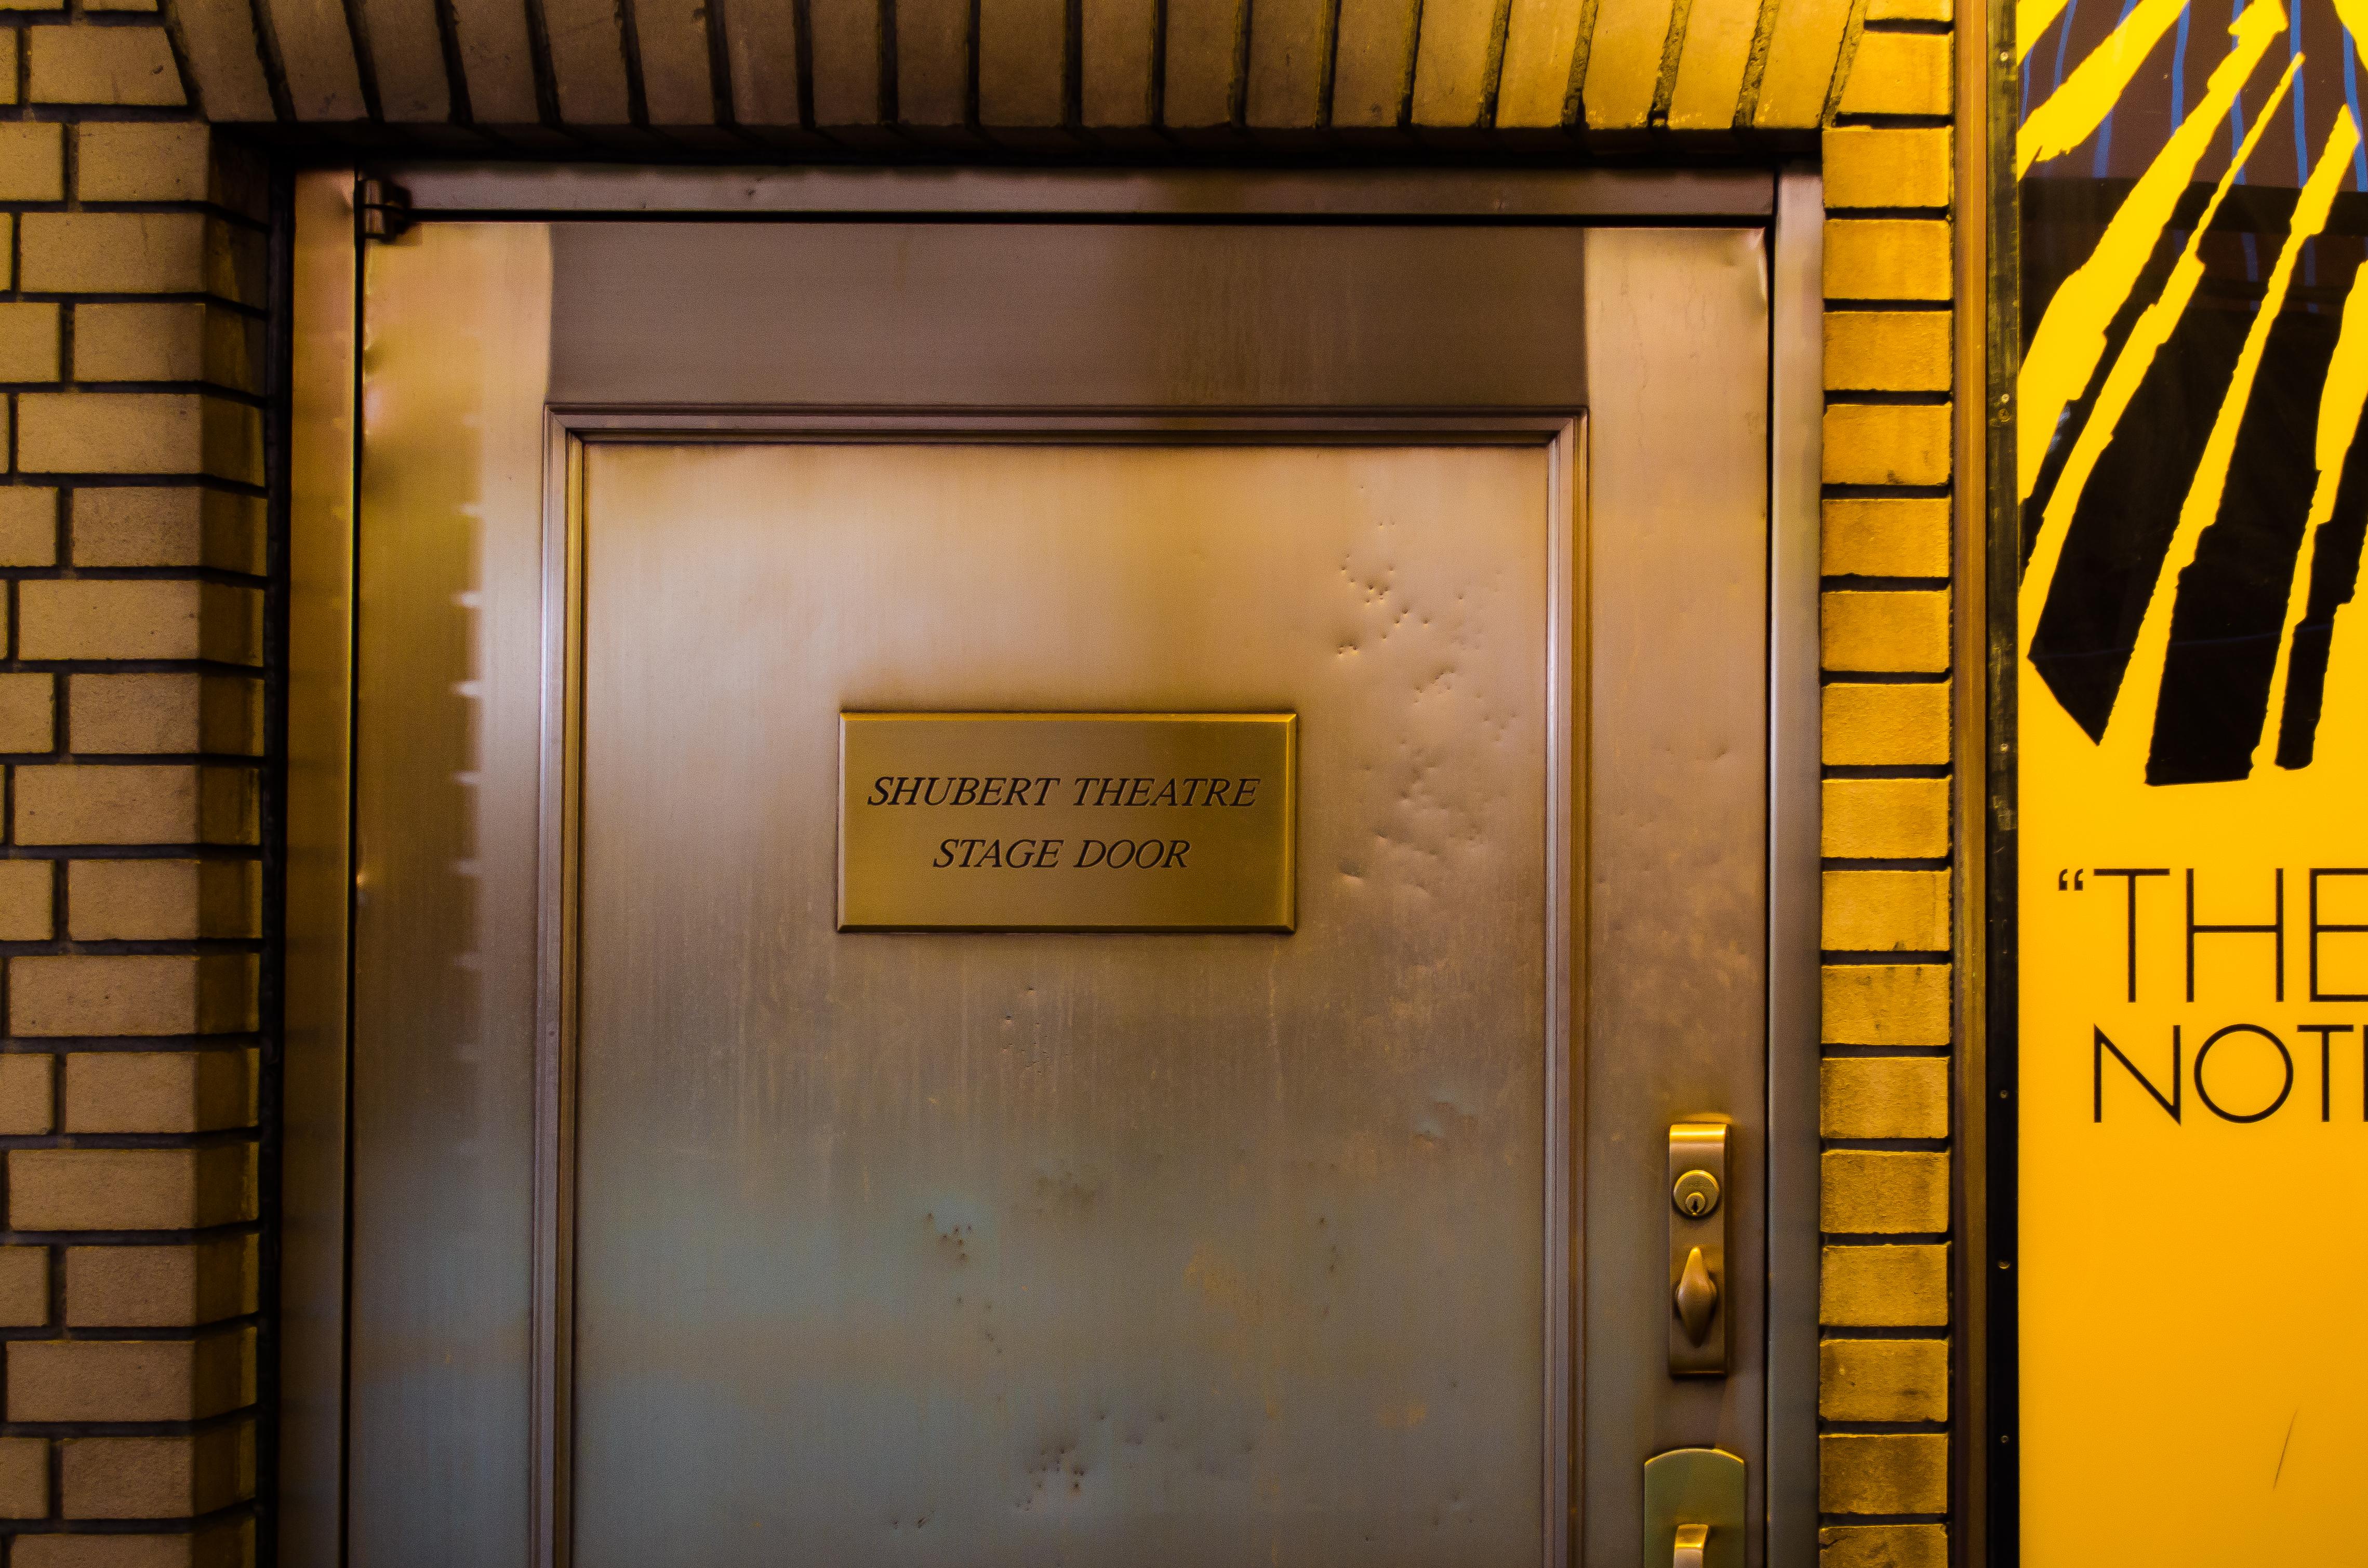 Shubert Theatre (Broadway) - Theater Information Stage Door